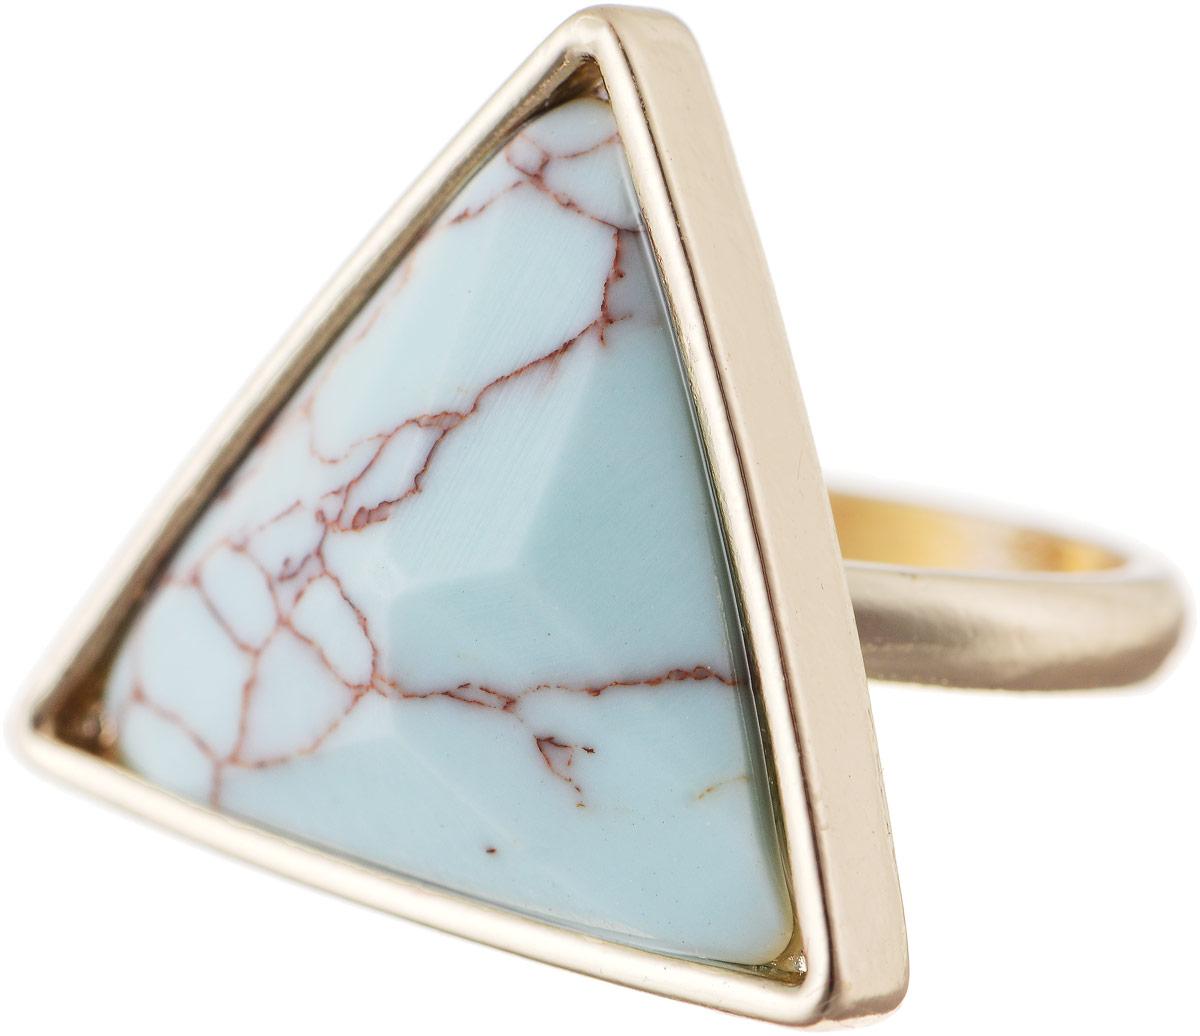 Кольцо Bradex Бермуды, цвет: золотой, бледно-голубой. AS 0033AS 0033Кольцо Bradex Бермуды выполнено из металлического сплава с золотым покрытием и дополнено декоративным элементом треугольной формы, оформленного вставкой из бирюзы.